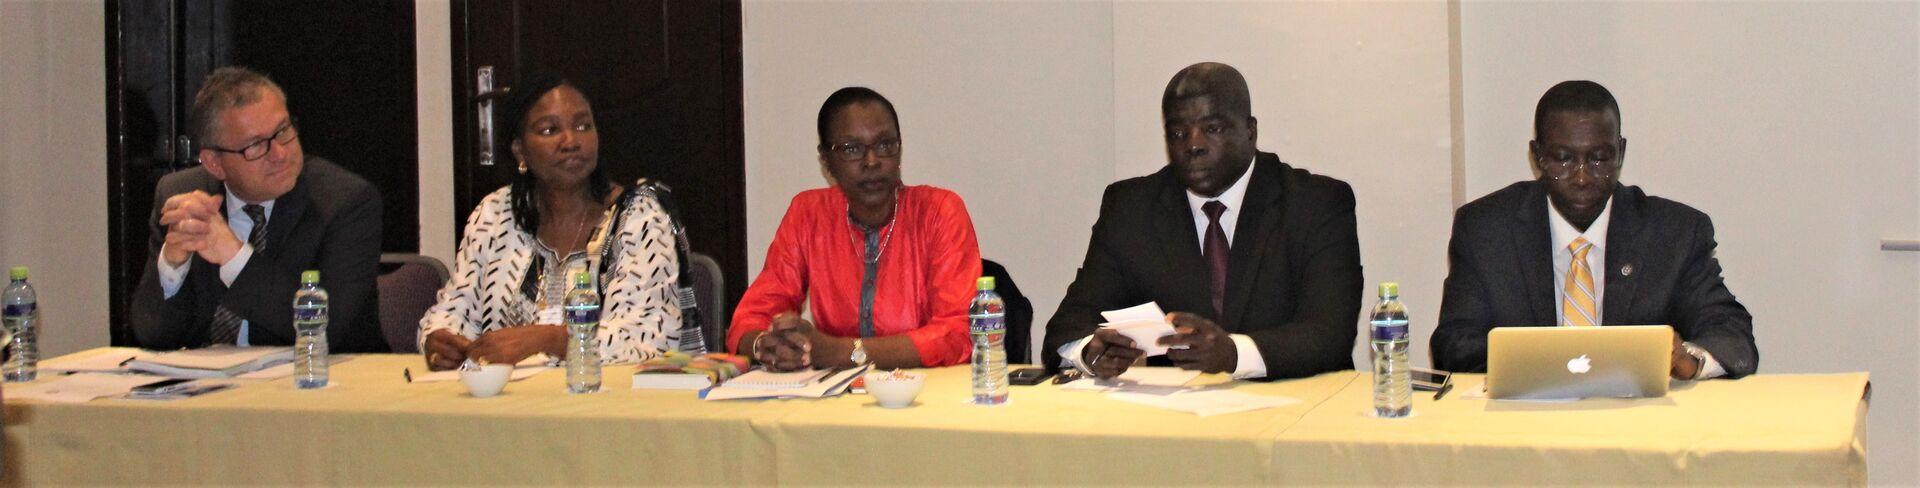 GEA:  Ghana Employers' Association